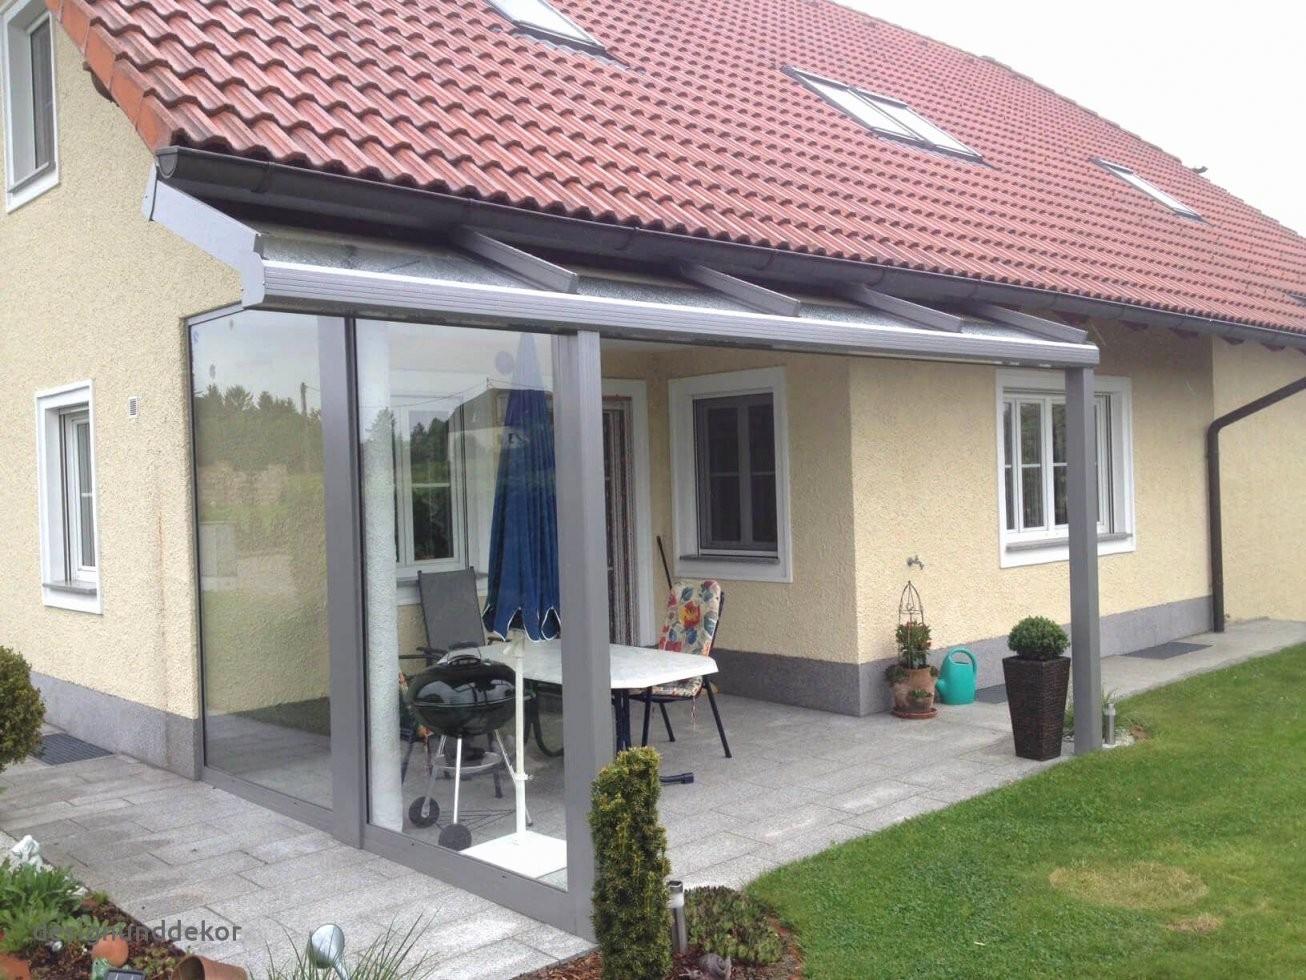 Kaufen In Polen Simple Gartenhaus Kaufen Polen Aus With Kaufen In von Wintergarten Aus Polen Kaufen Photo